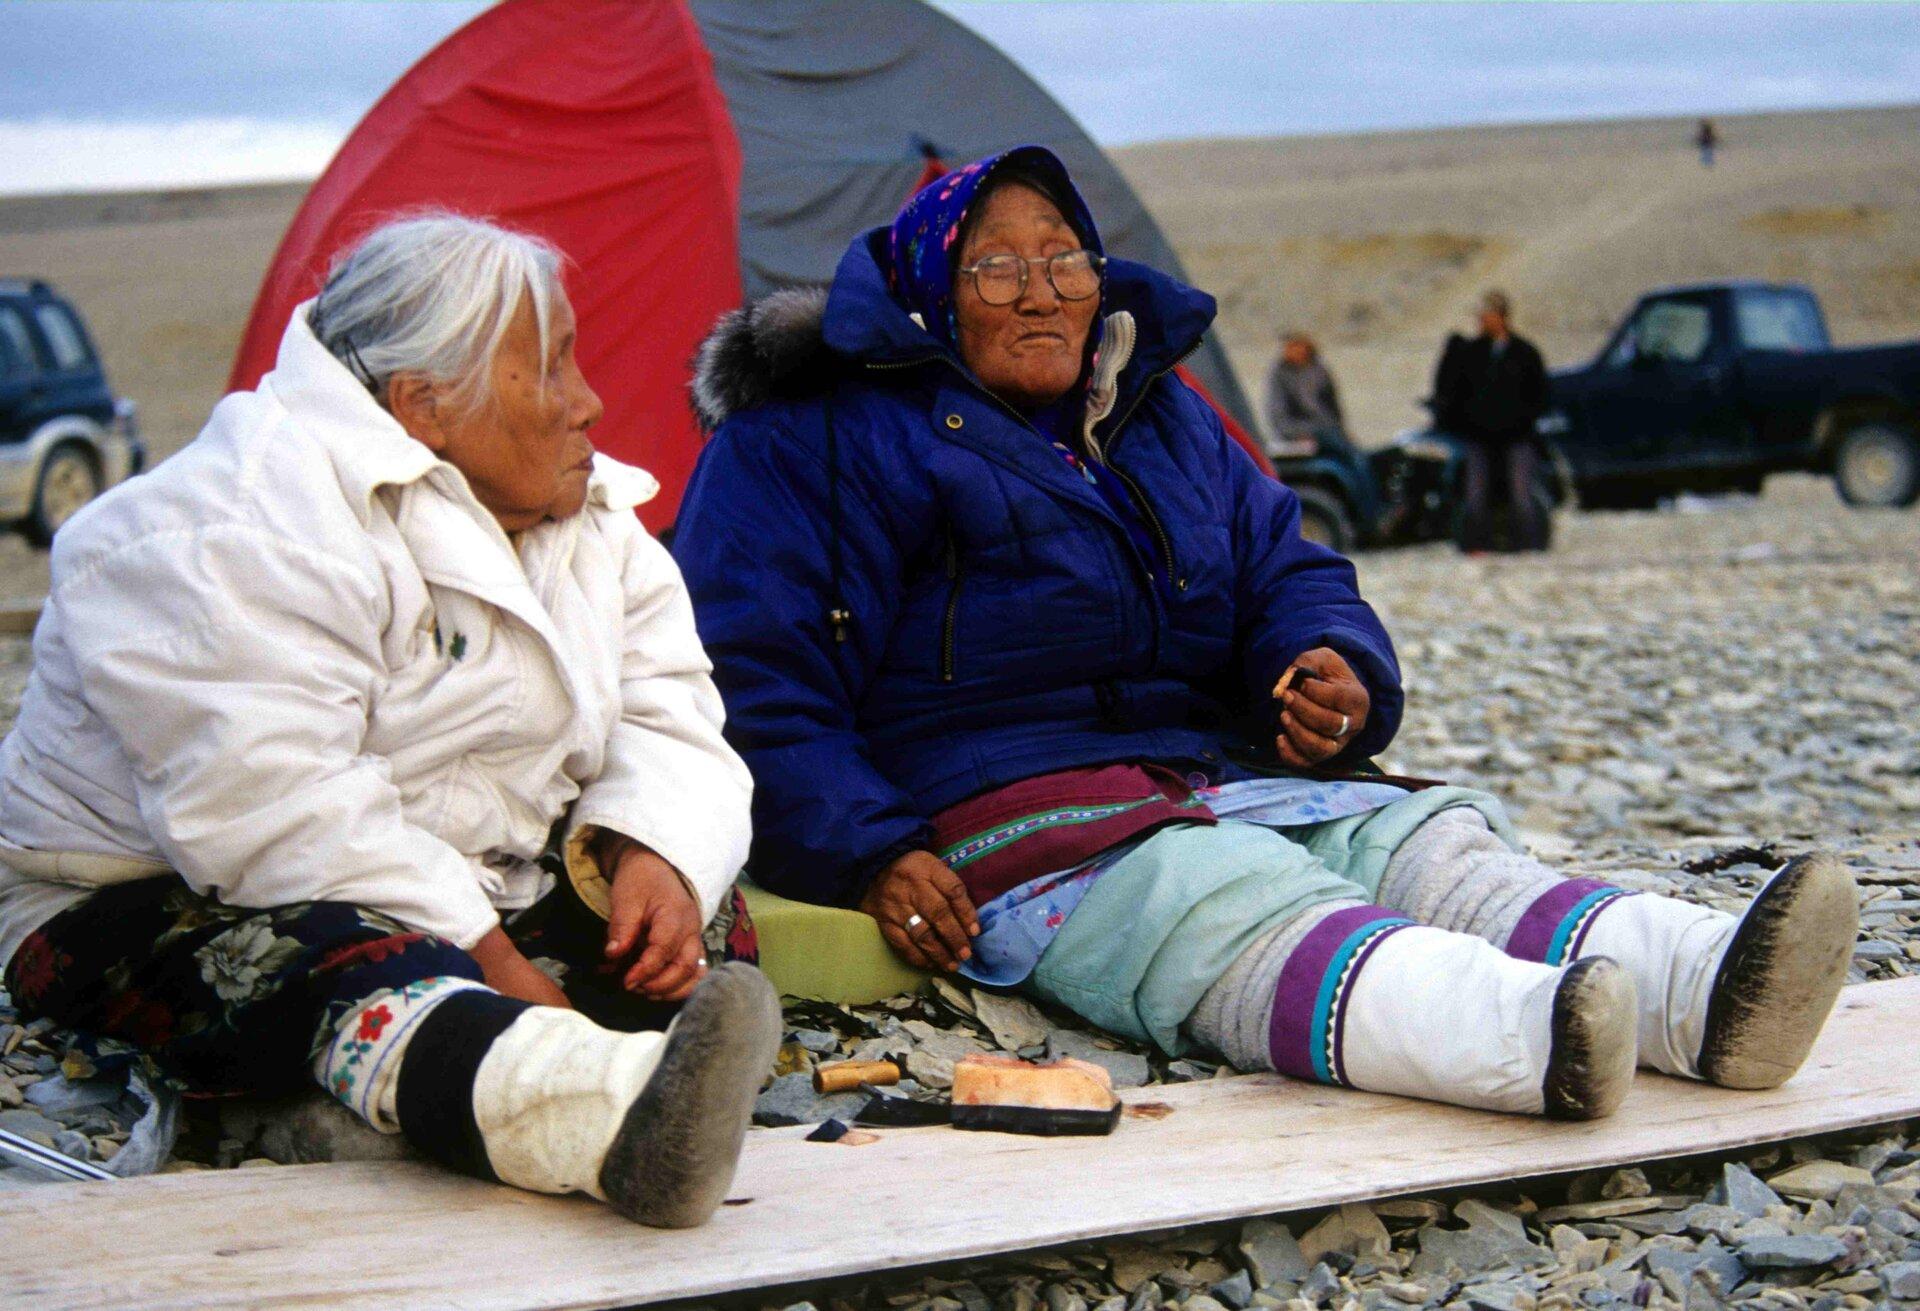 Na zdjęciu dwie starsze kobiety wstrojach zludowymi ozdobami isportowych ciepłych kurtkach siedzą na kamienistej ziemi przed kolorowym namiotem. Wtle zaparkowane samochody terenowe.